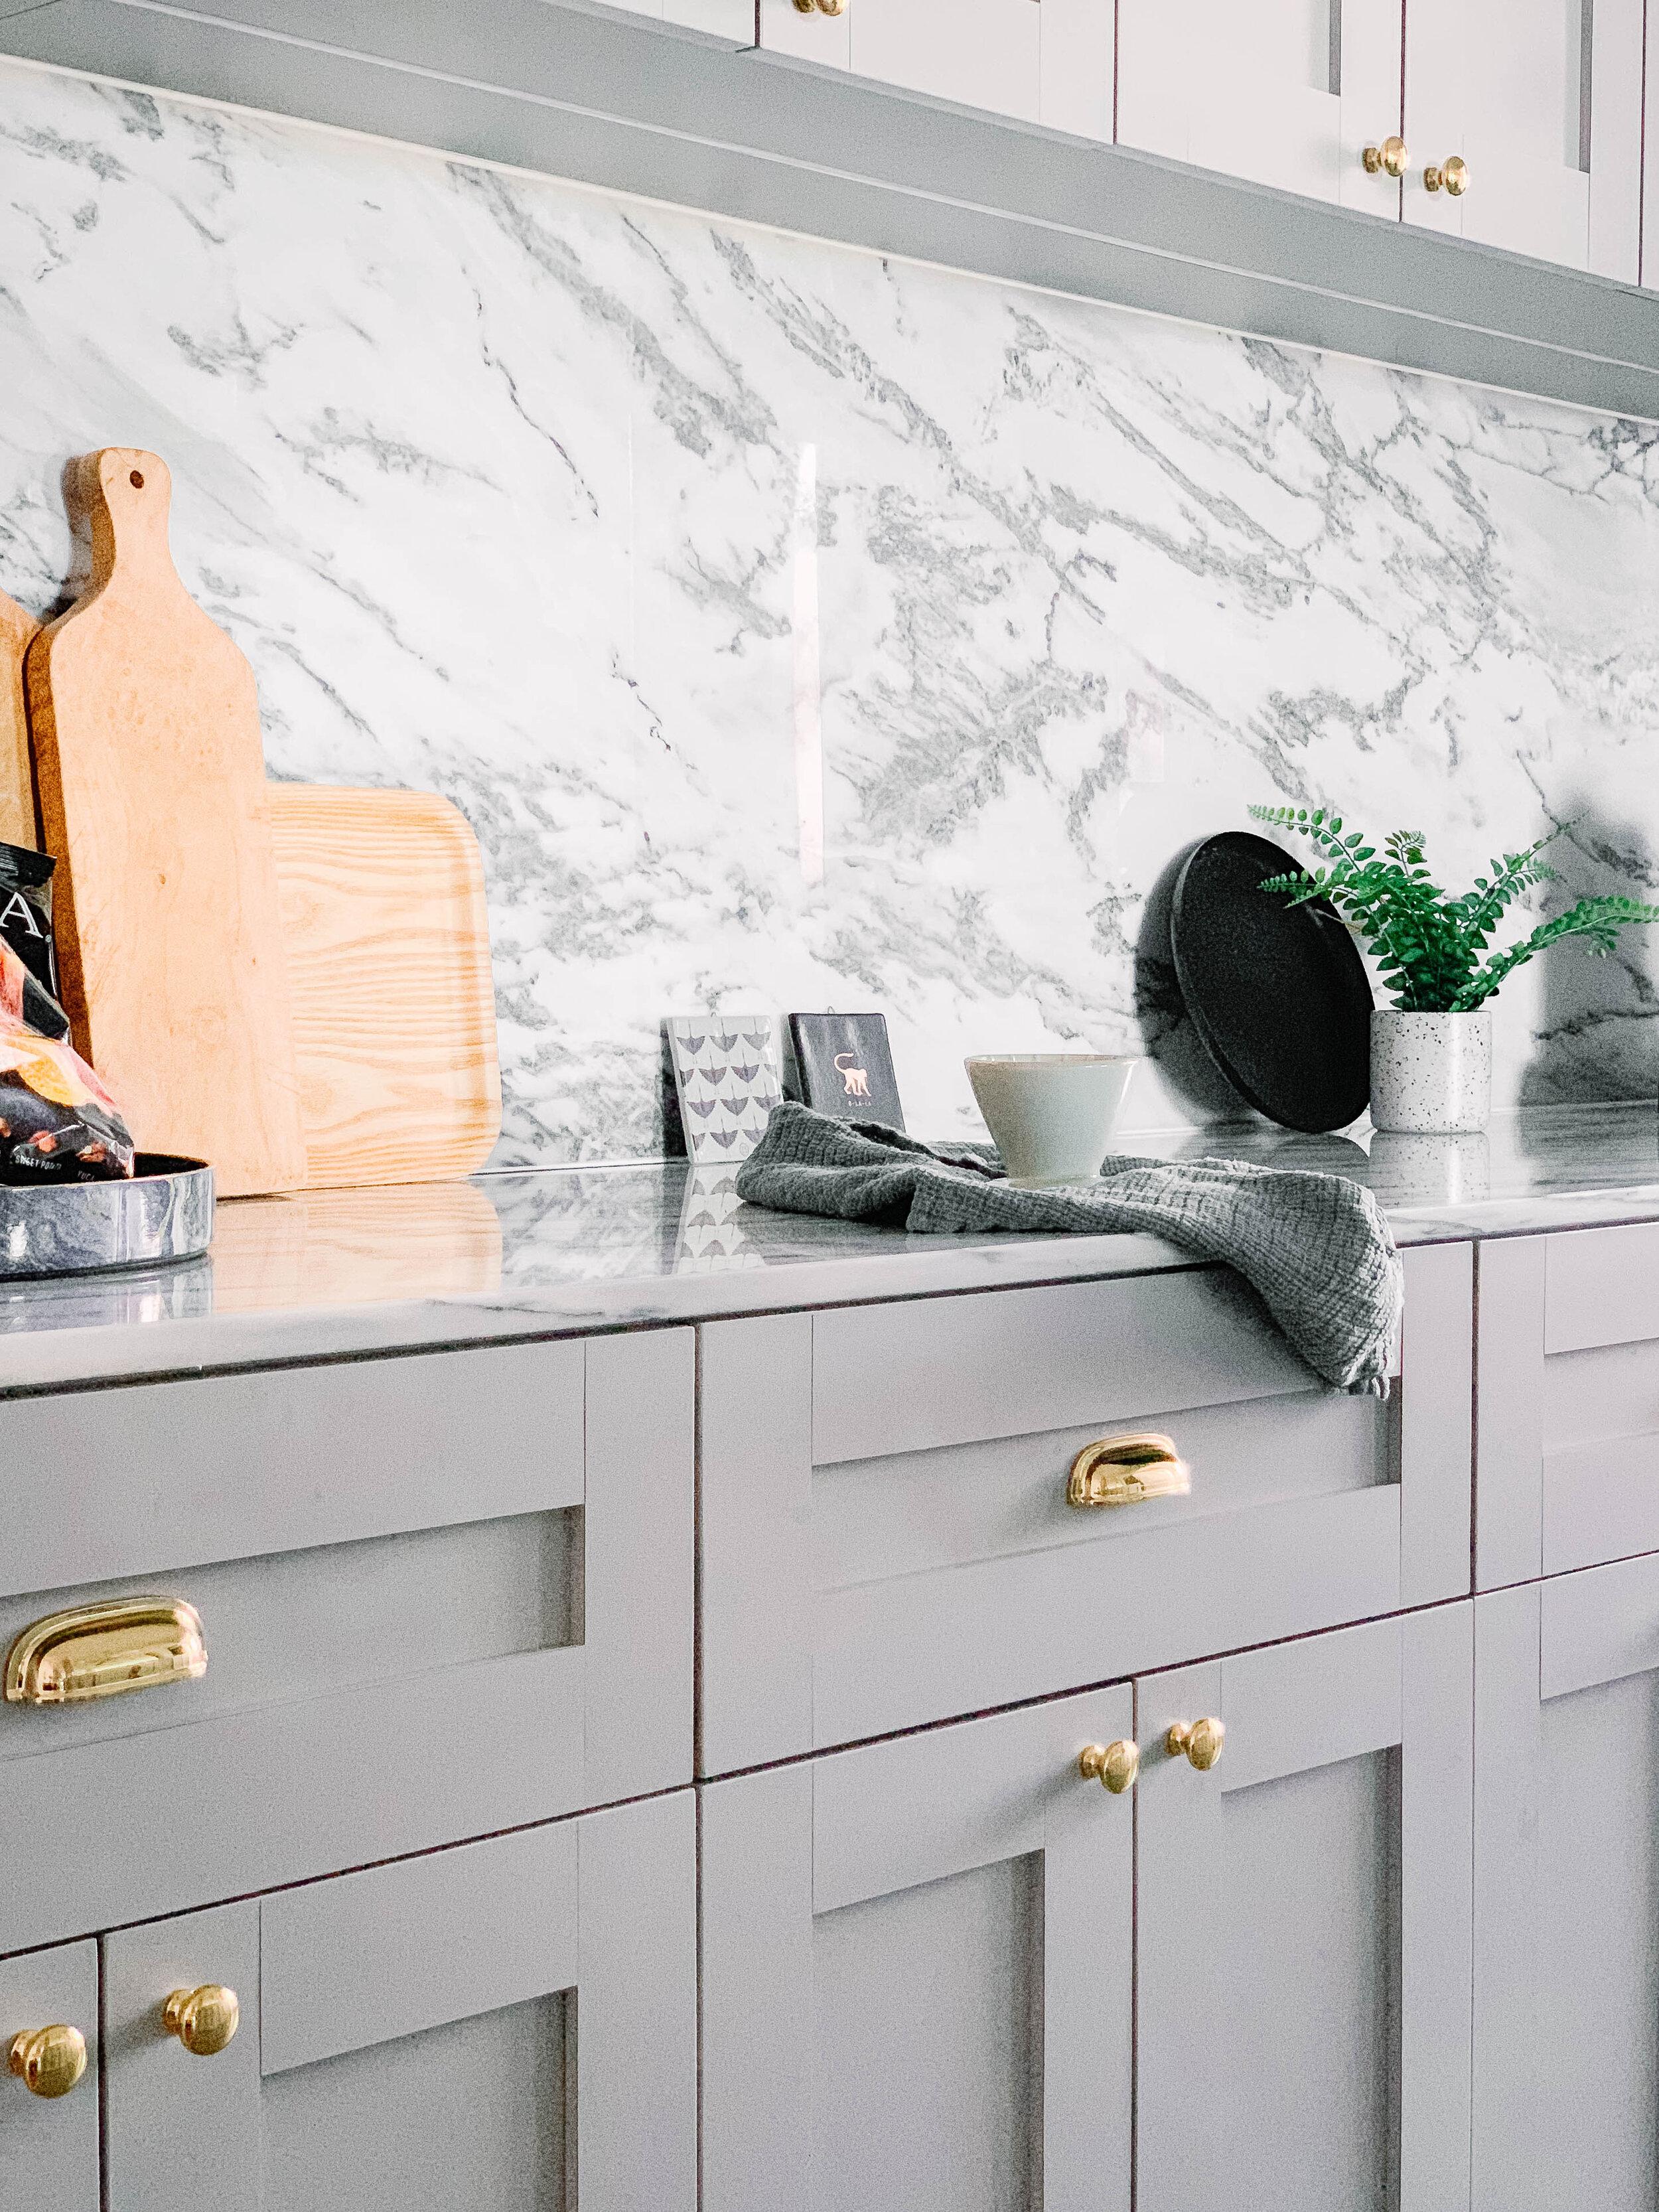 Gorgeous Grey Gold Marble Kitchen Design.jpg